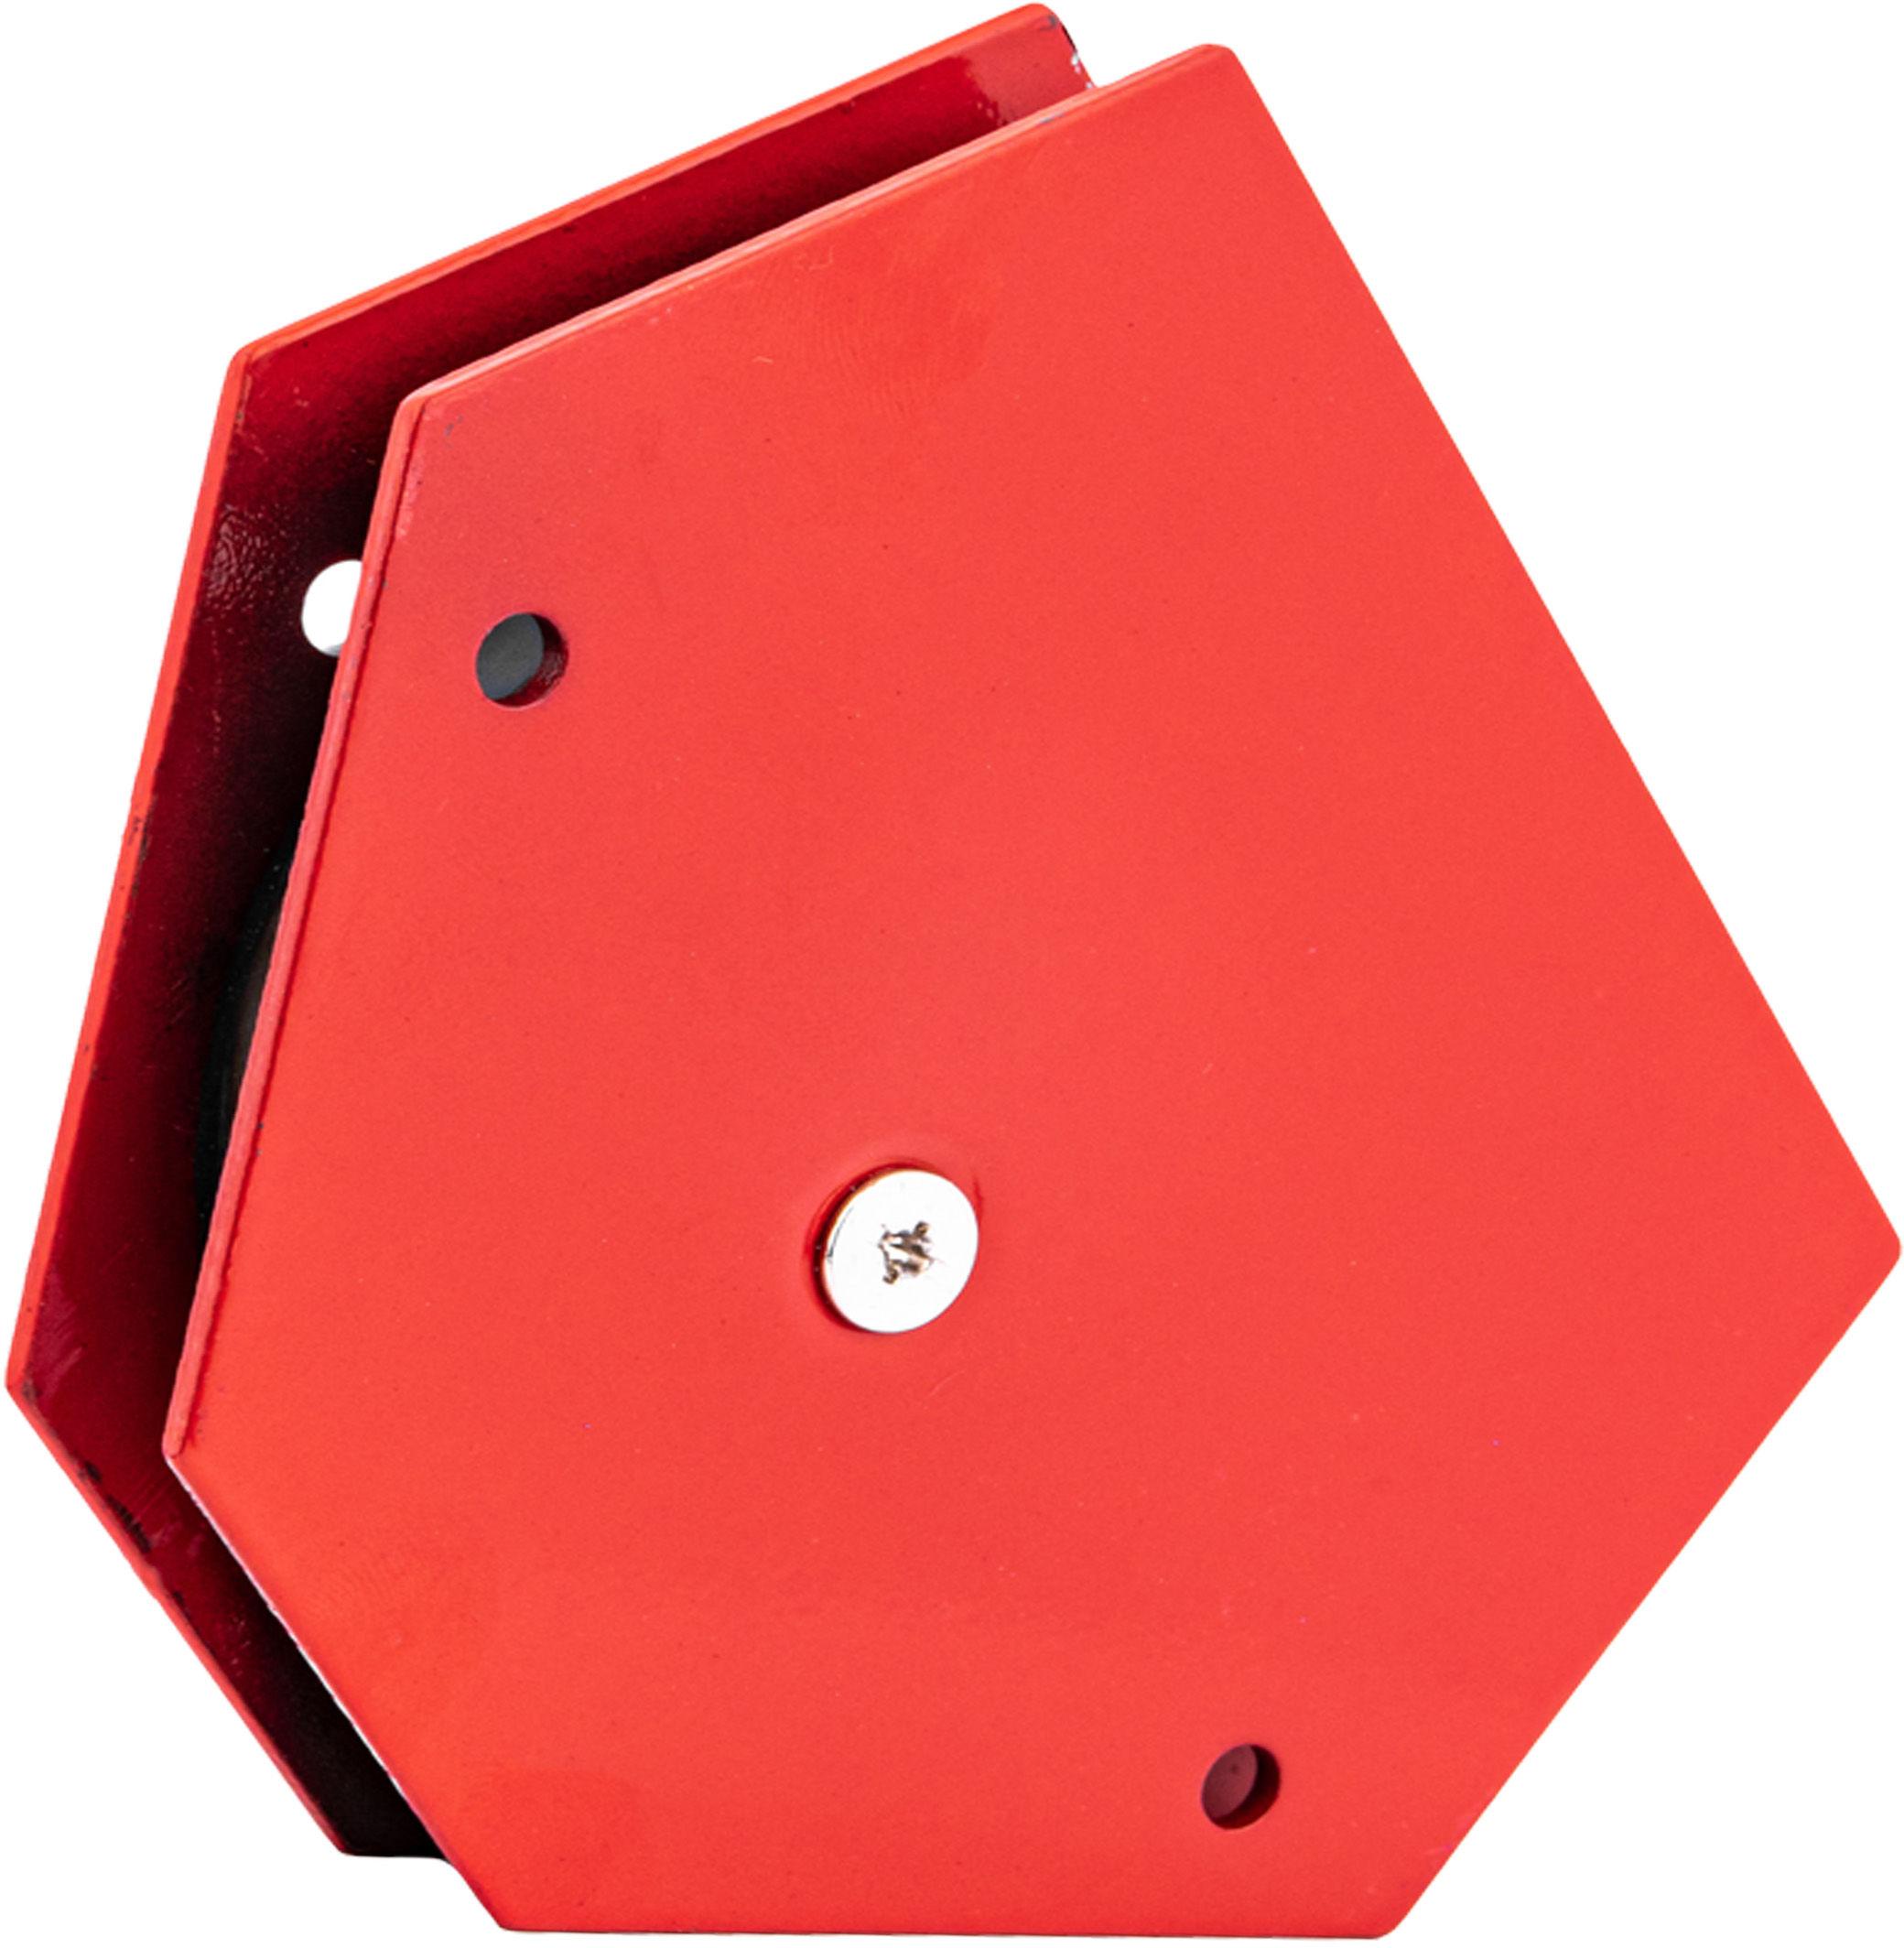 Magnetyczny kątownik spawalniczy udźwig 22.5 kg FALON-TECH